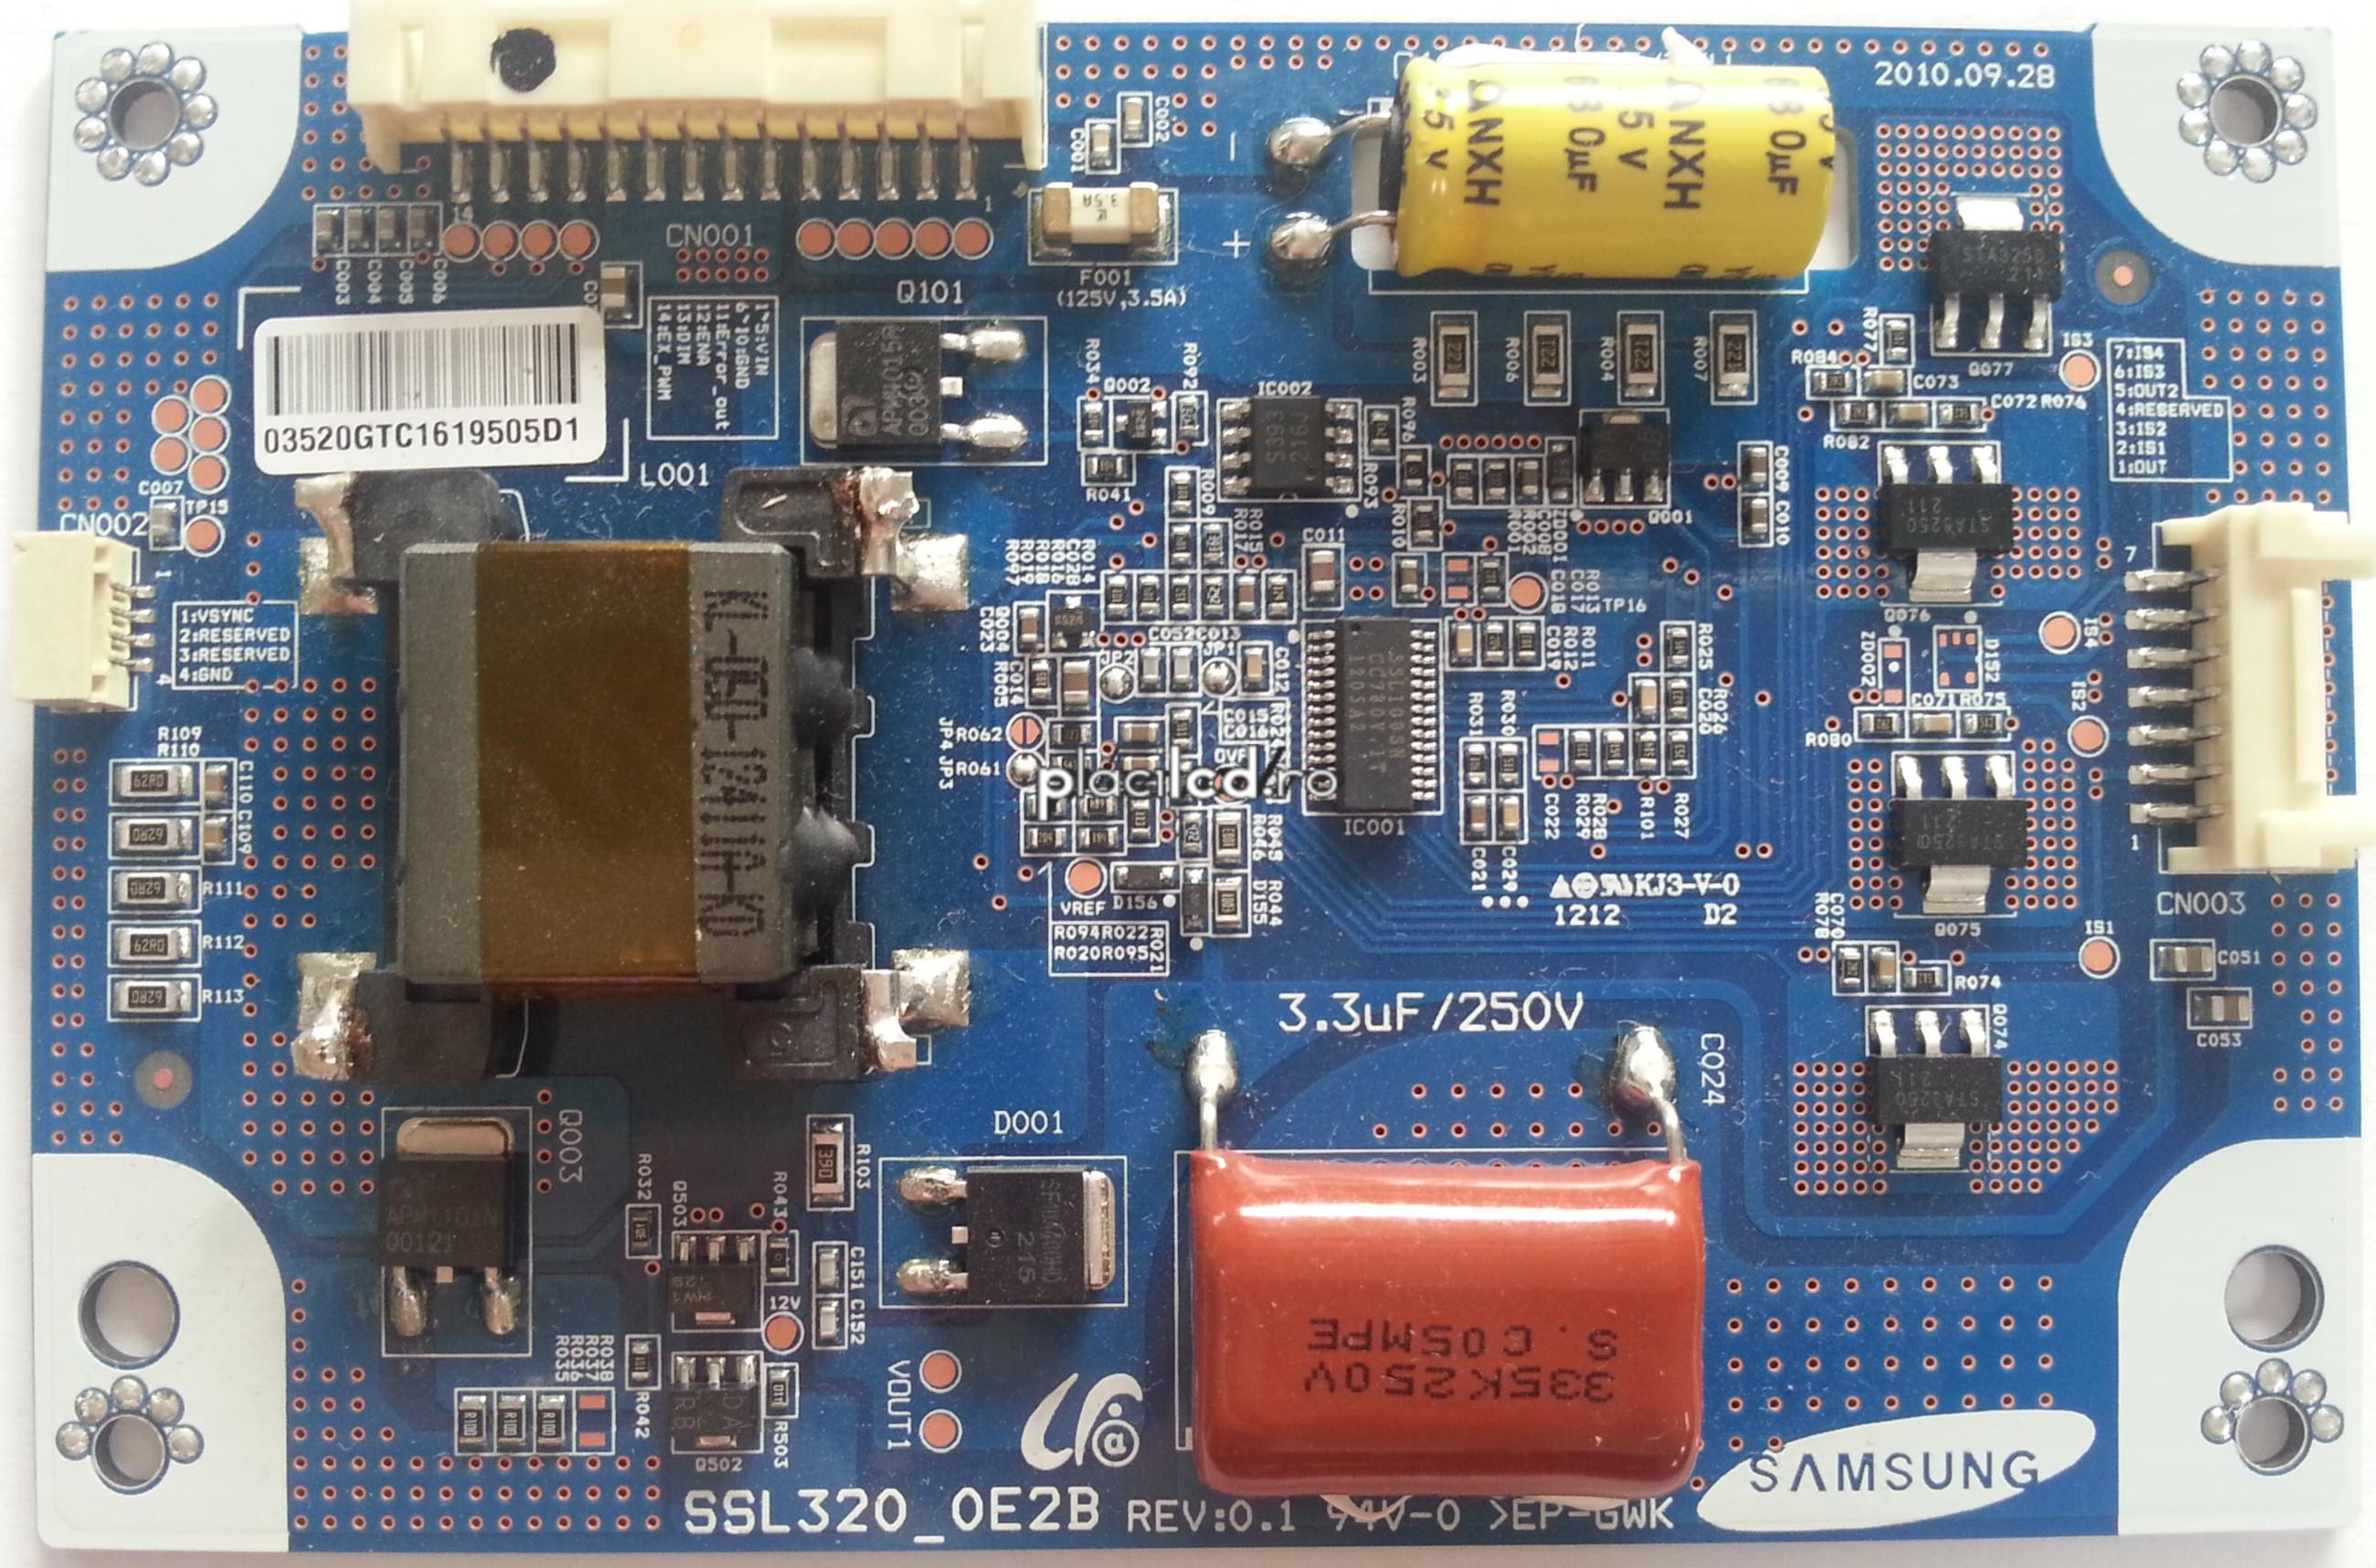 LED driver SSL320_0E2B